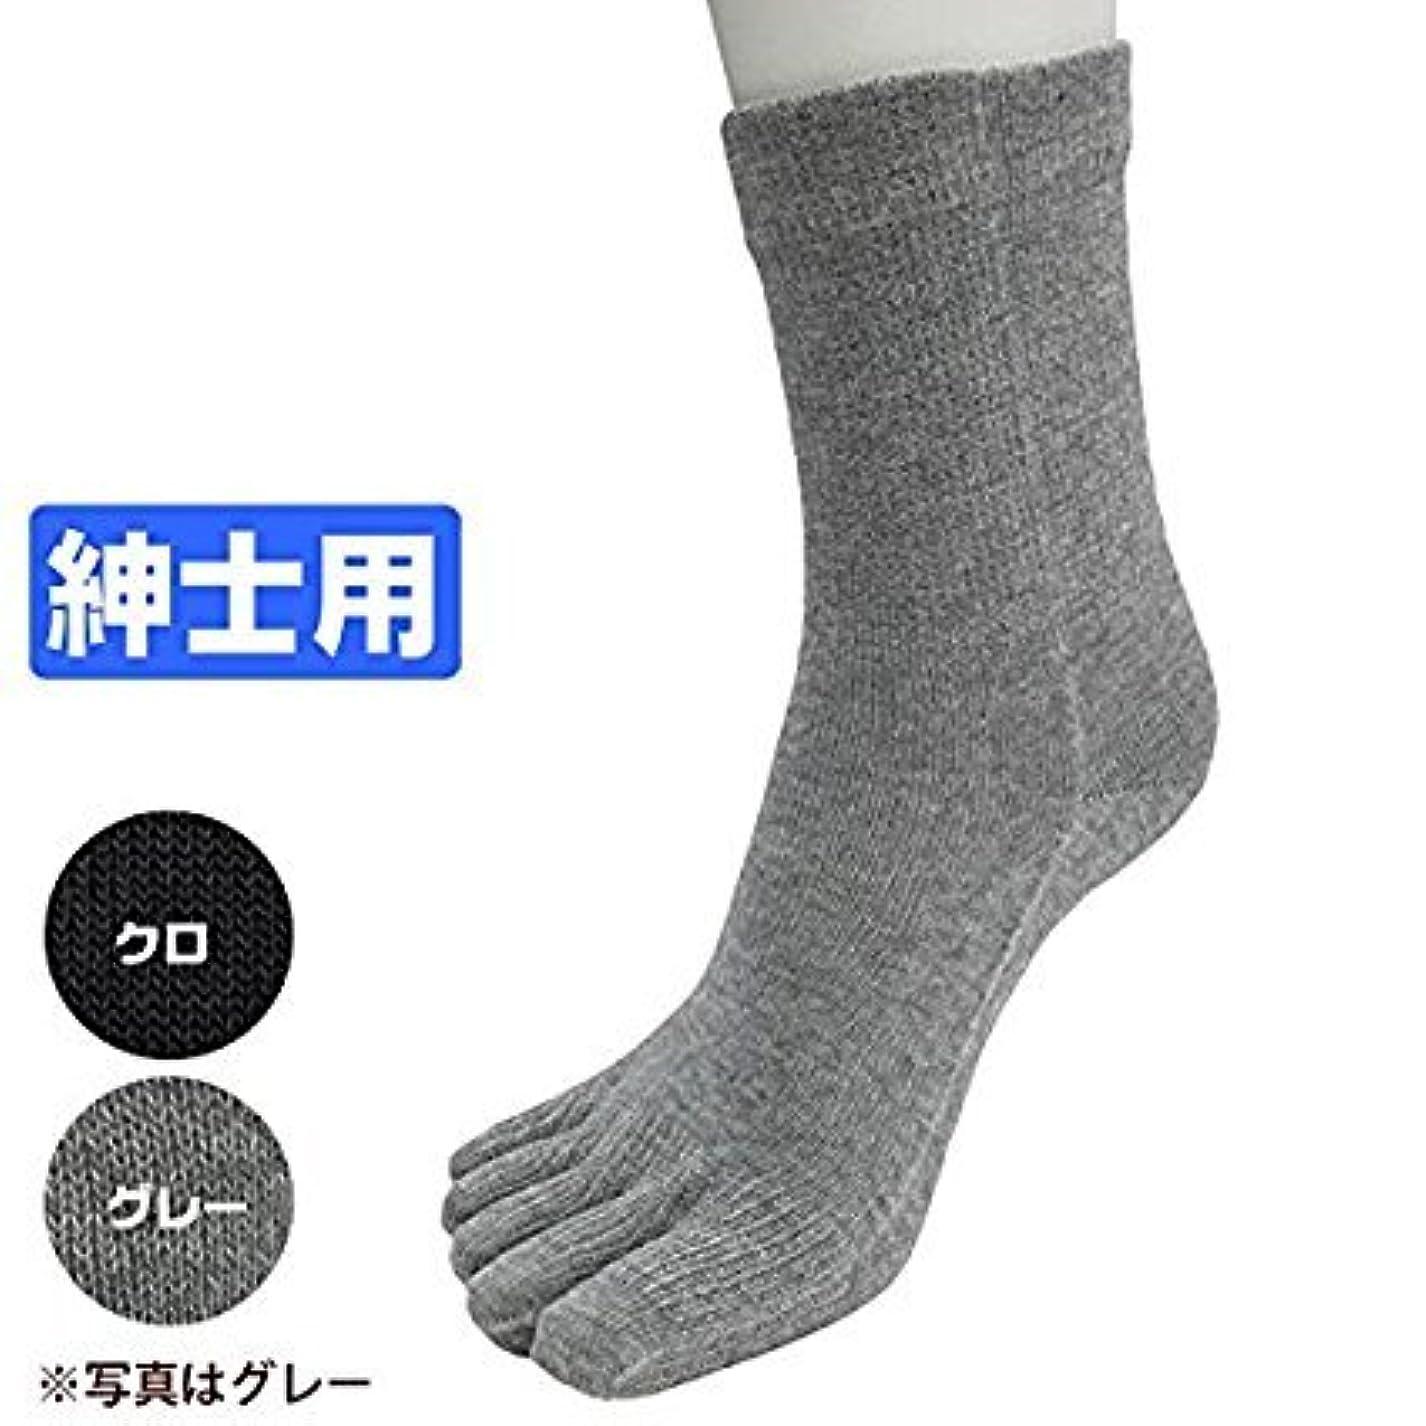 がっかりした貨物クラブひだまり 5本指ソックス 紳士用 靴下[24~26cm]オールシーズンタイプ (グレー)